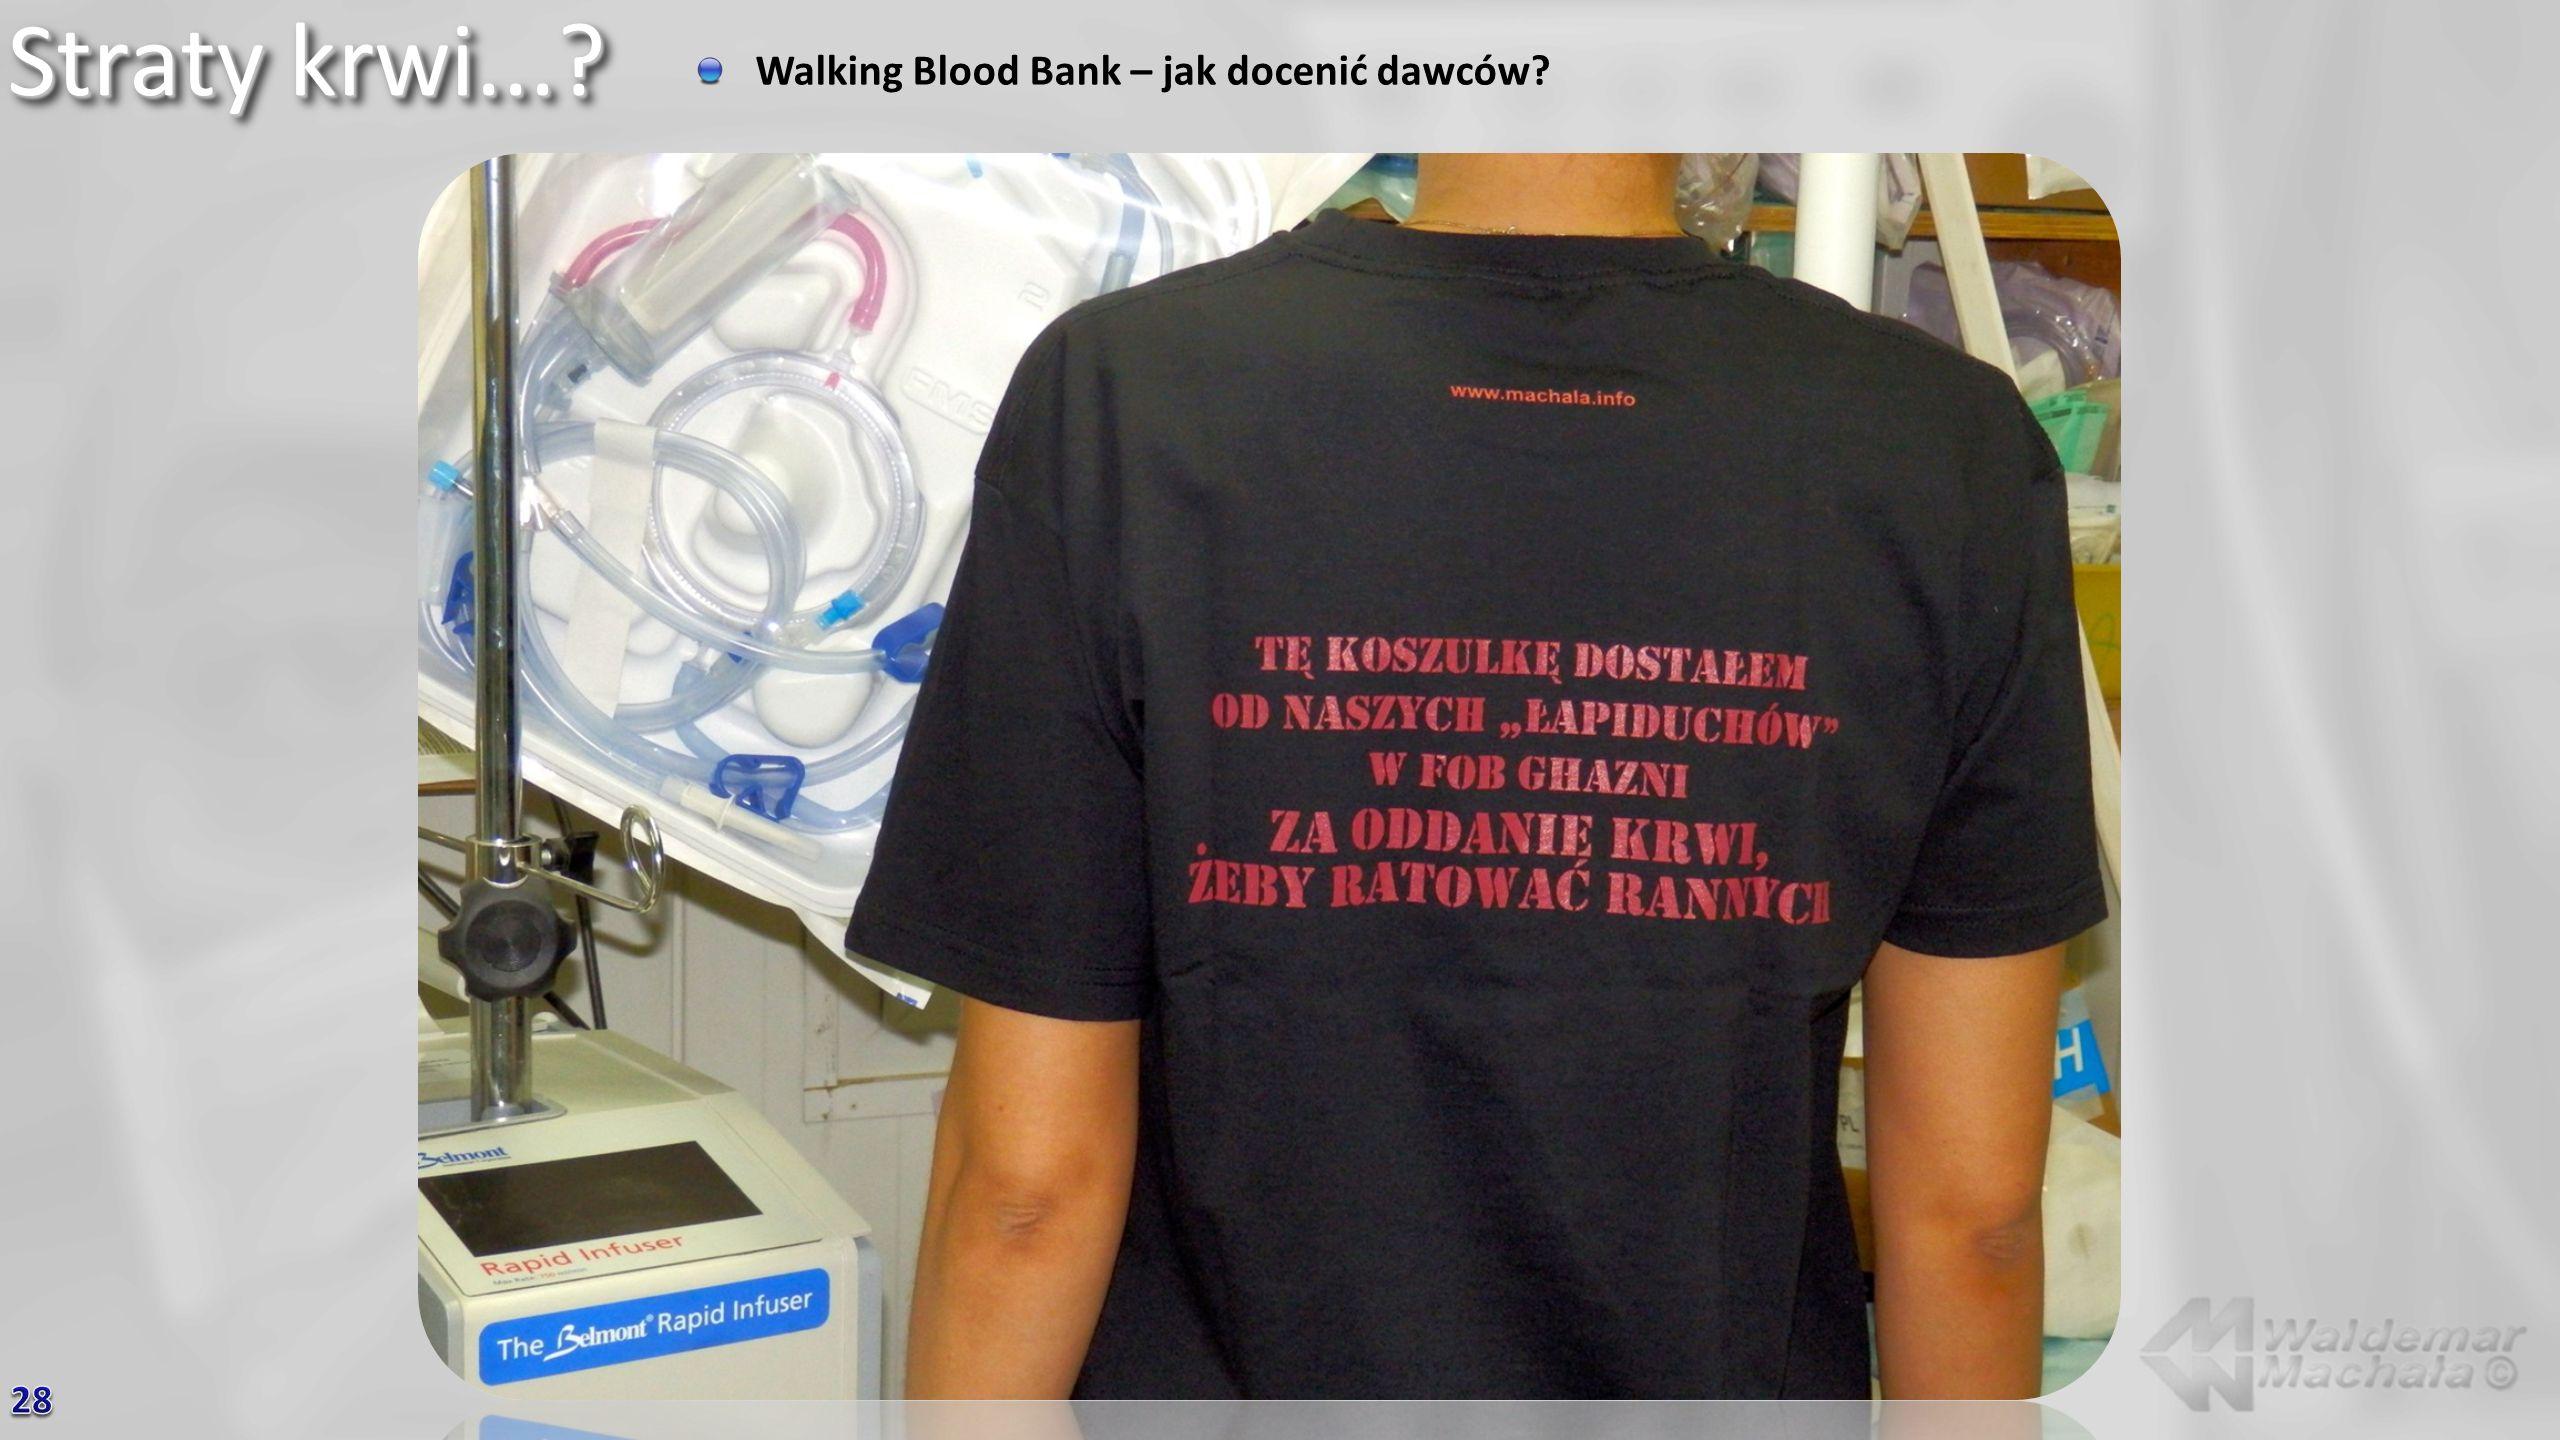 Straty krwi... Walking Blood Bank – jak docenić dawców 28